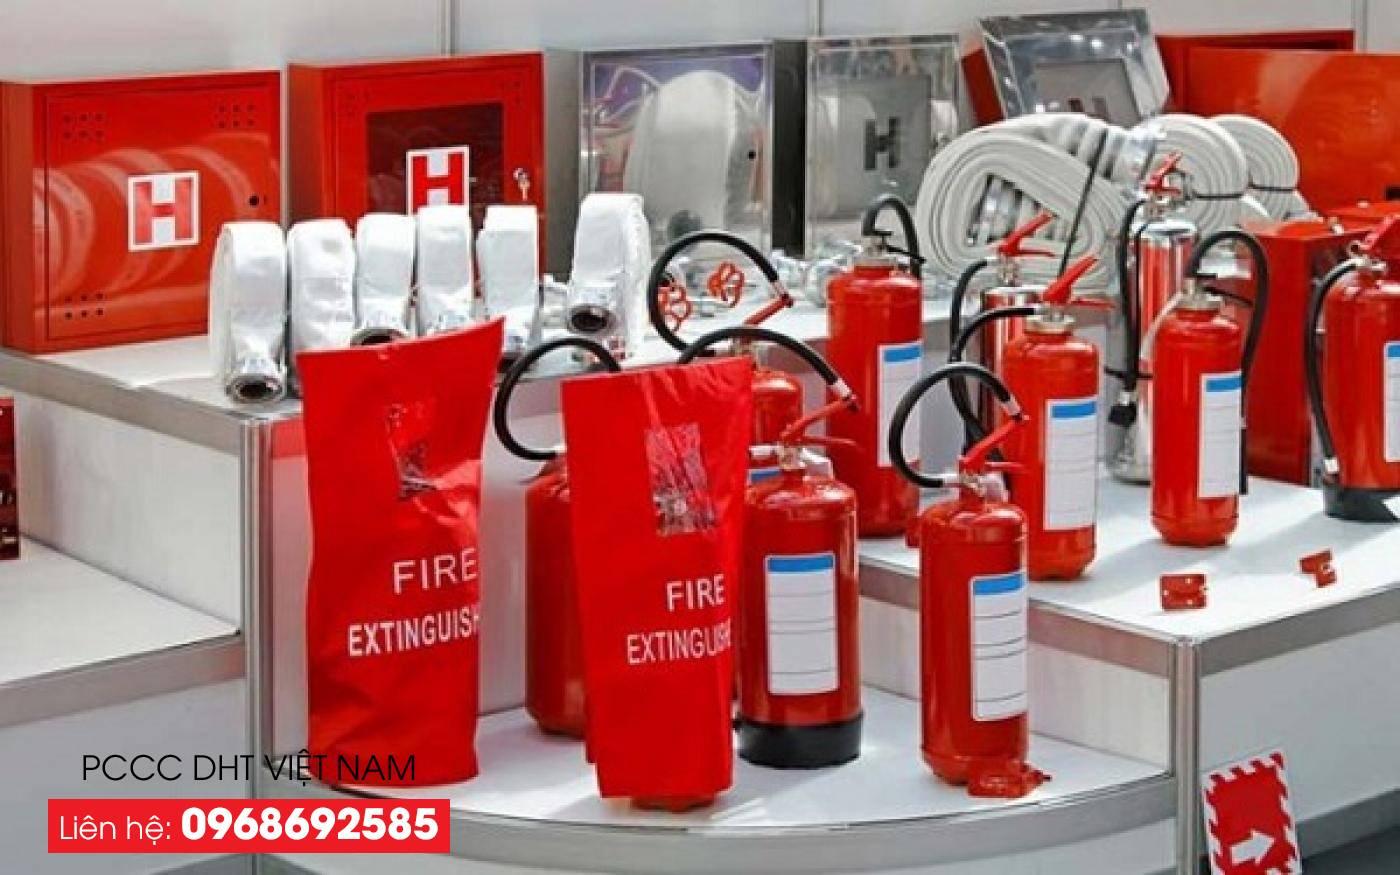 Lưu ý về nhà dịch vụ bảo trì bảo dưỡng hệ thống phòng cháy chữa cháy tại CỤM CÔNG NGHIỆP TÂN TIẾN